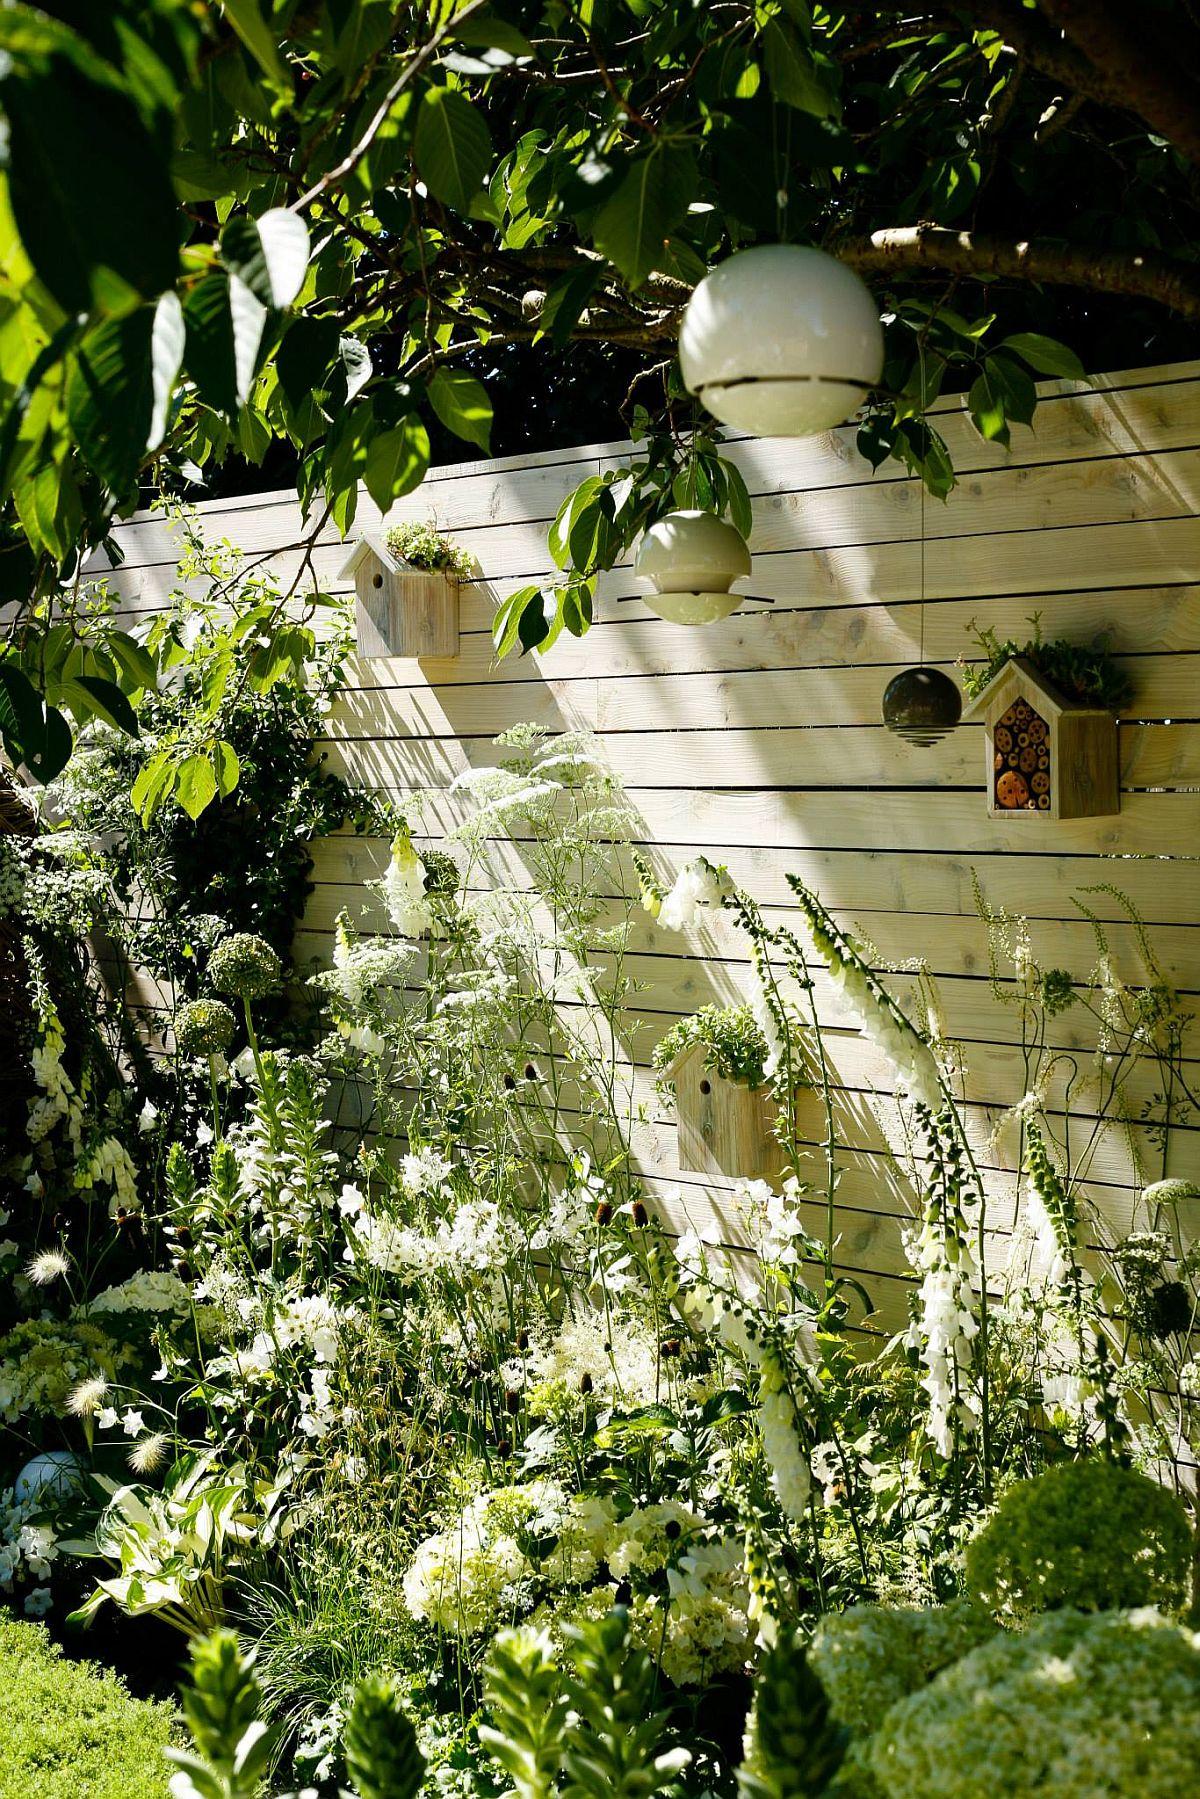 Folosit ca fundal pentru plantele mai înlate, gardul este și suport pentru căsuțe de păsări și căsuțe pentru insecte. Practic toată grădina este un mare cuib pentru viață.